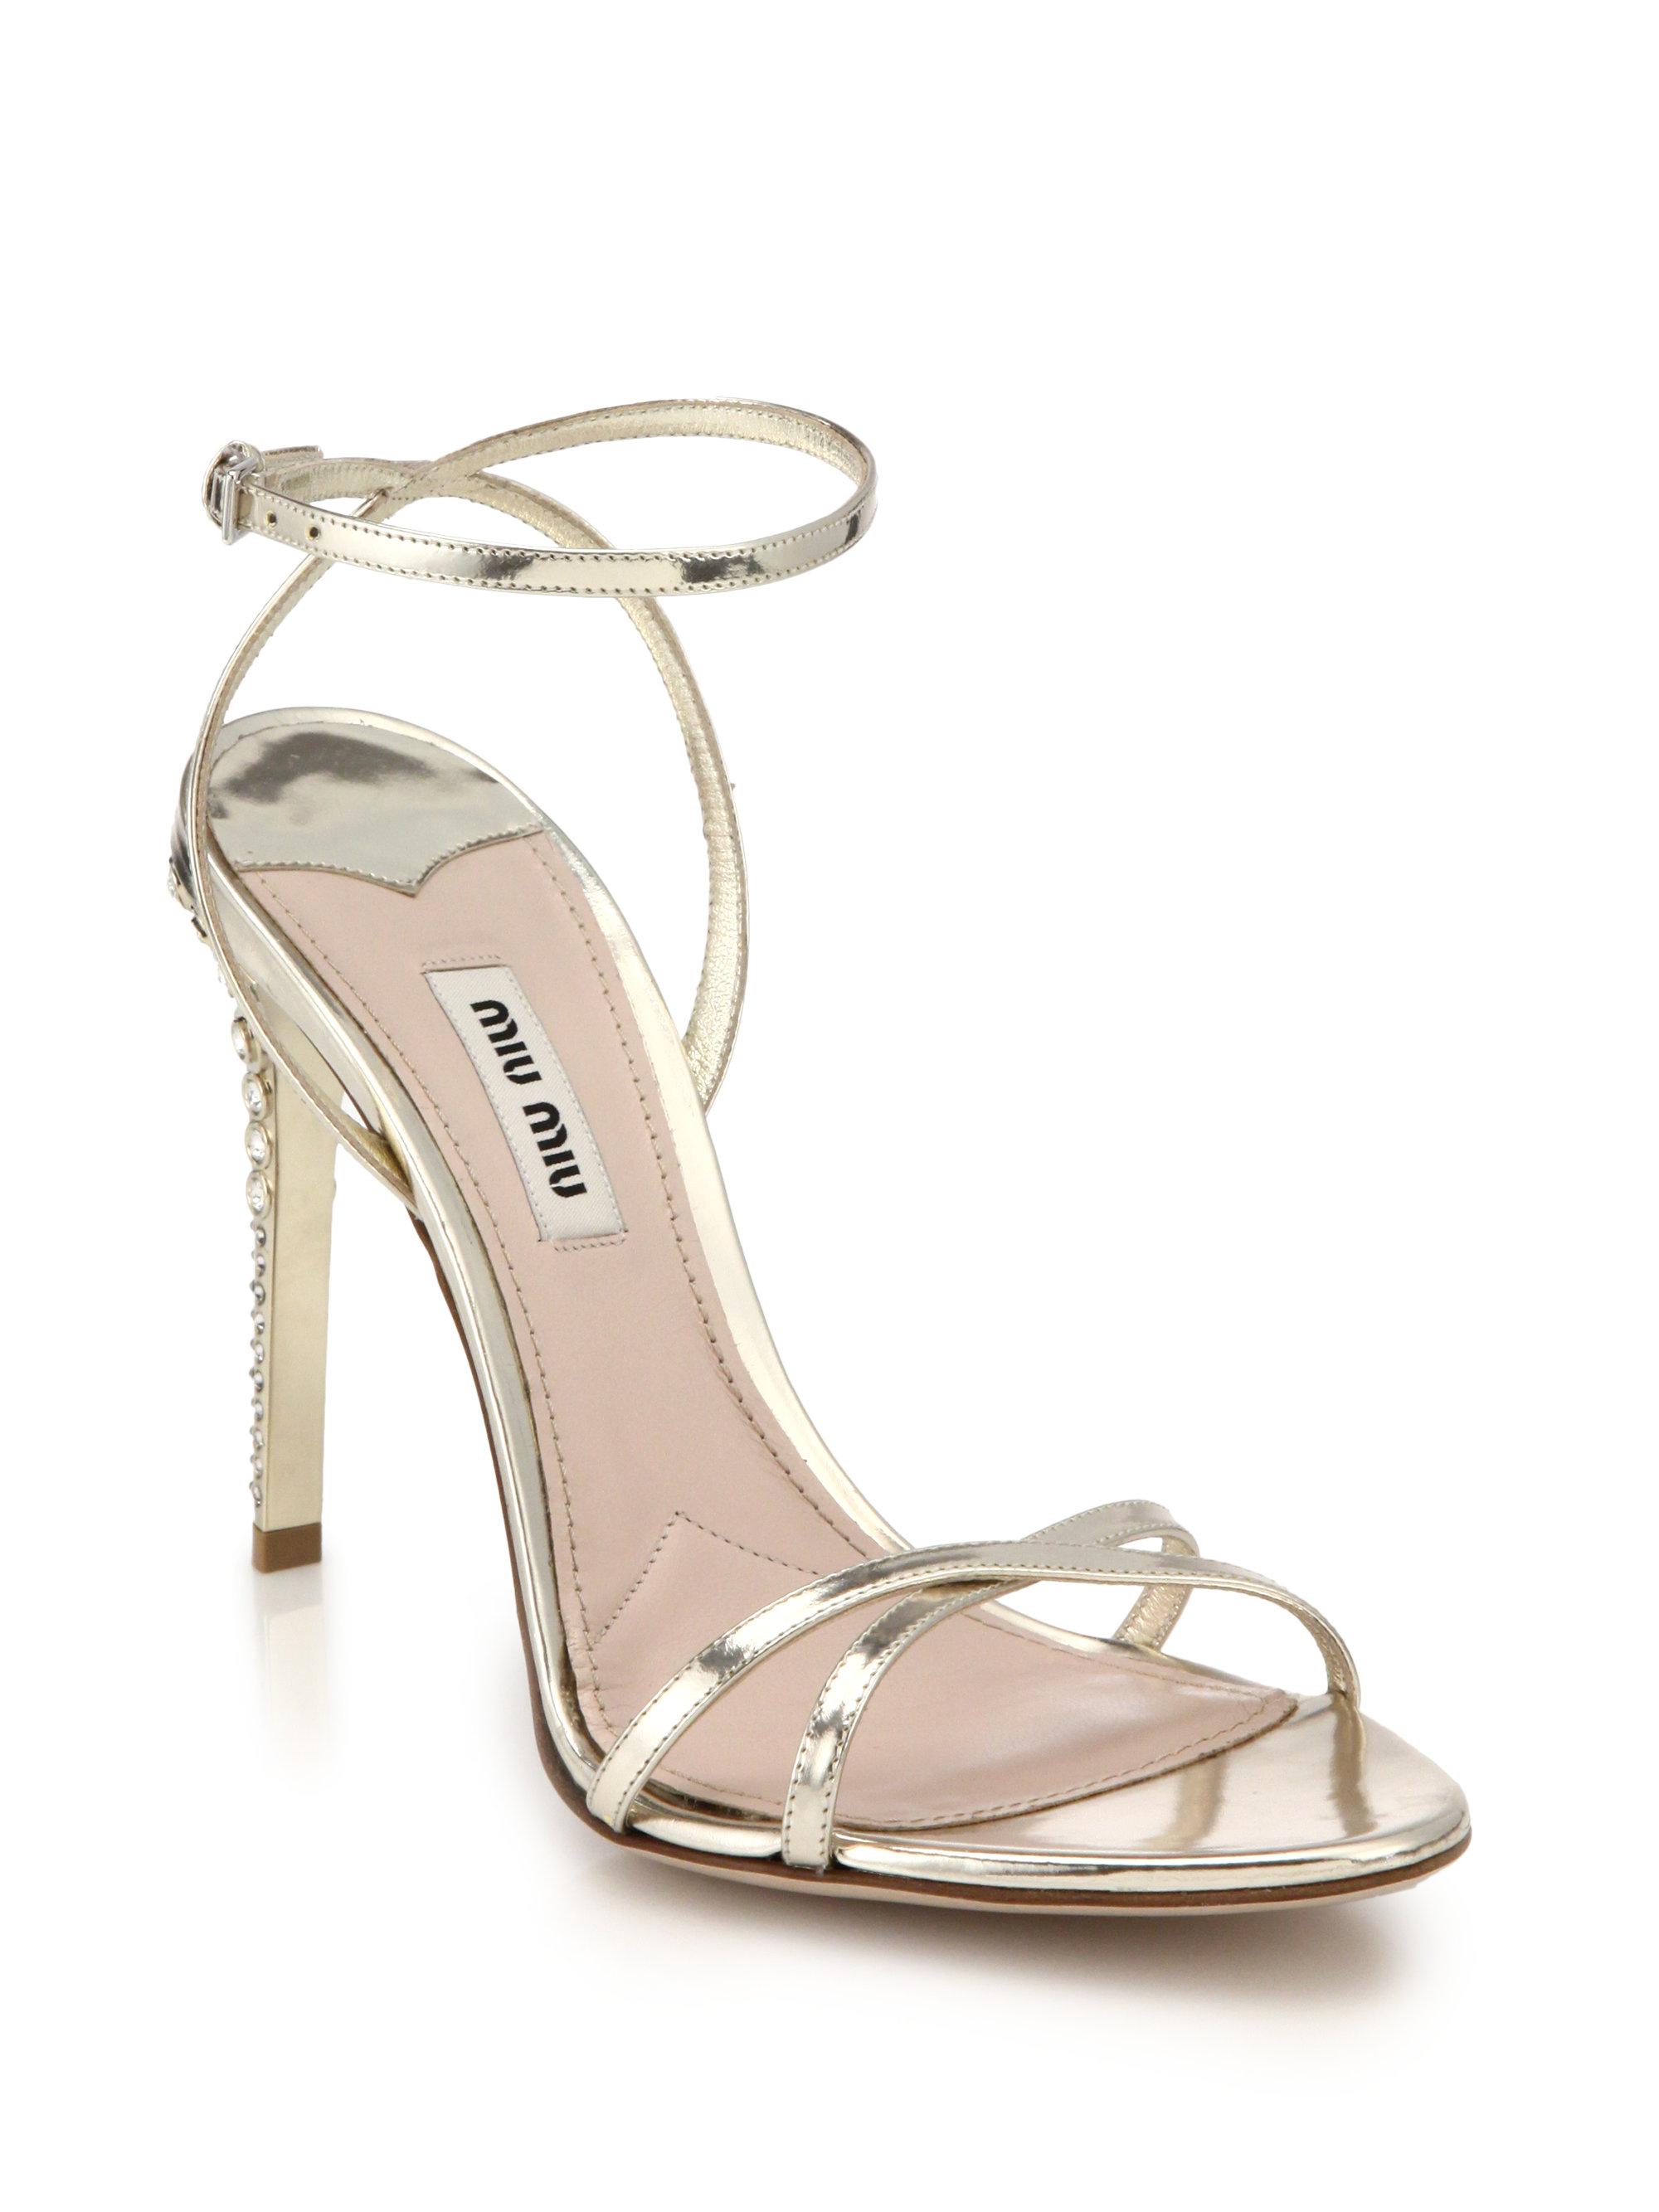 Sandales Talons De Cristal - Miu Miu Métallique ReGsu7xHhJ